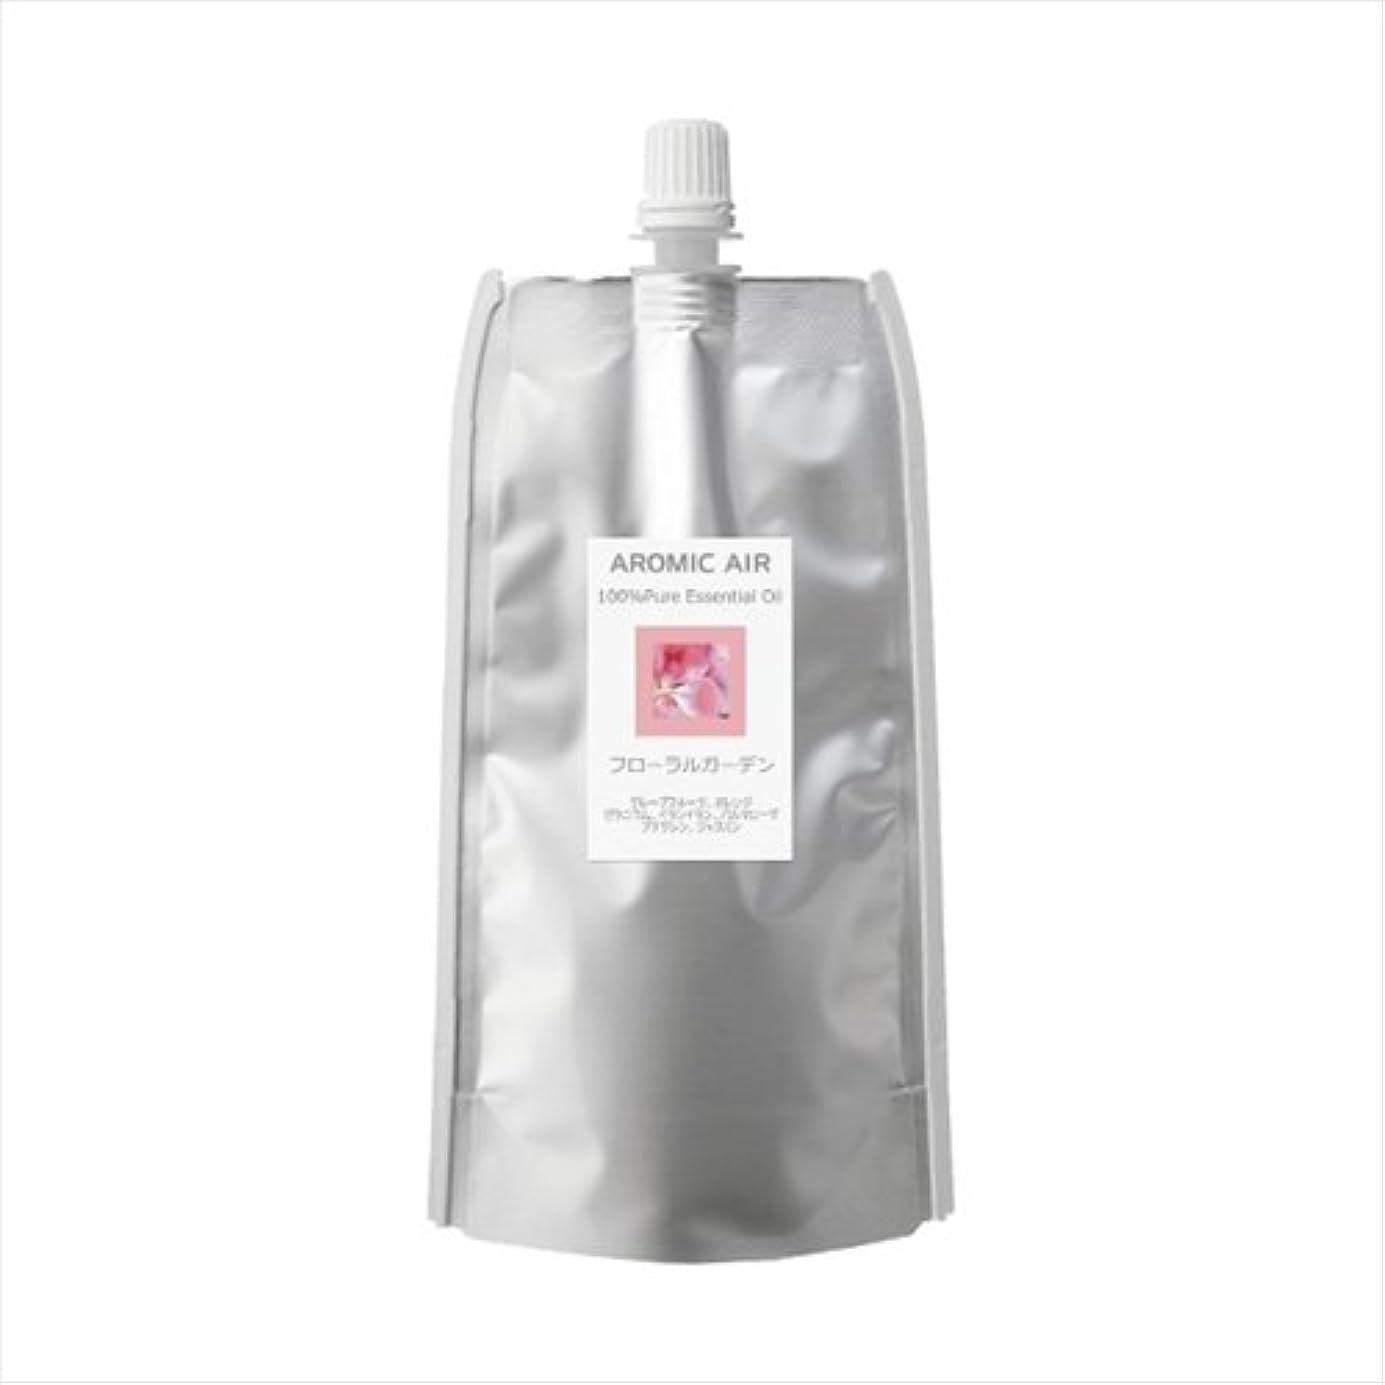 吸収剤変形繁栄アロミックエアー専用オイル フローラルガーデン 100ml